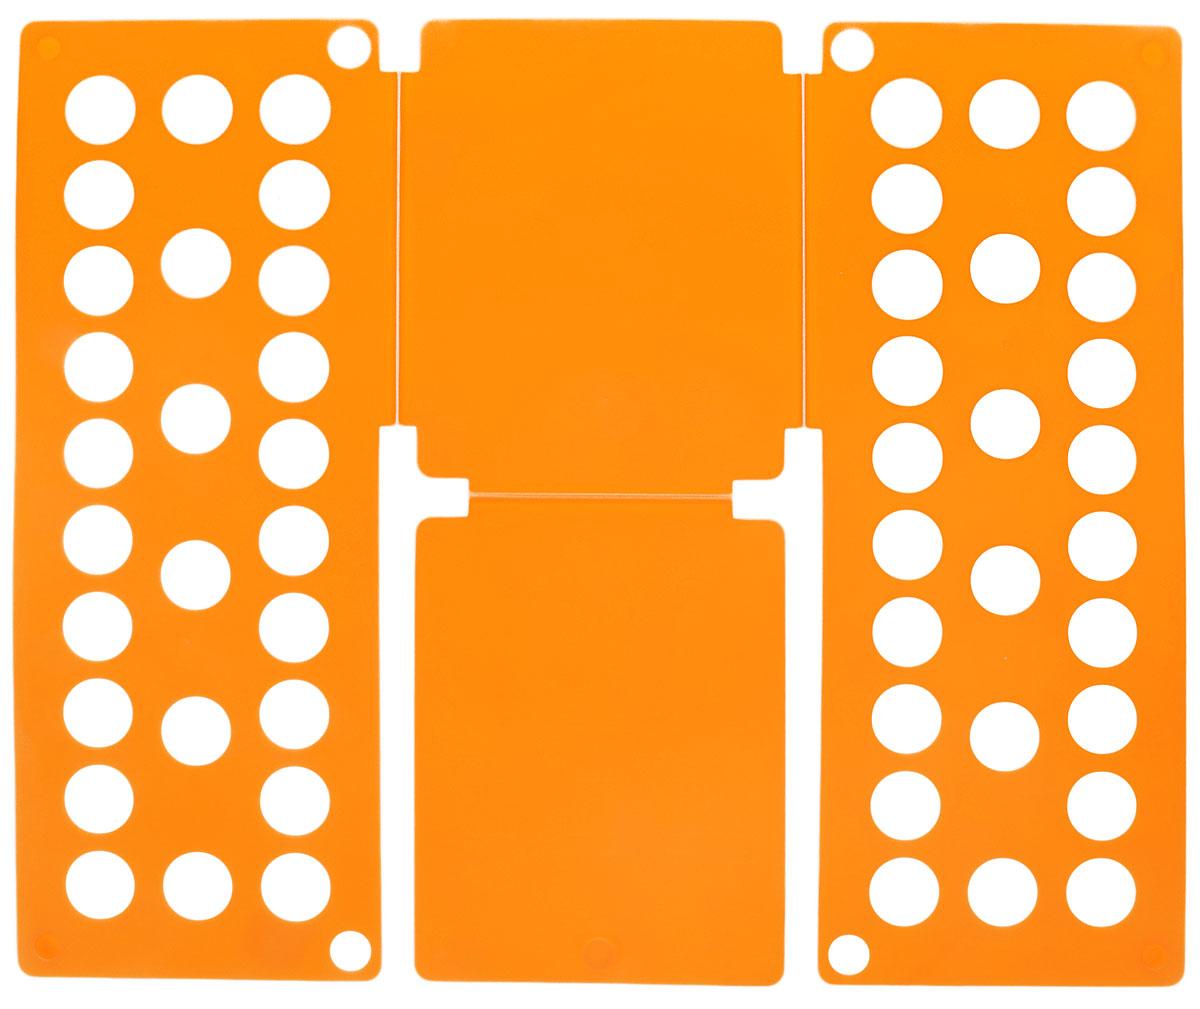 Приспособление для складывания одежды, цвет: оранжевый1411846_оранжевыйПриспособление для складывания одежды, цвет: оранжевый